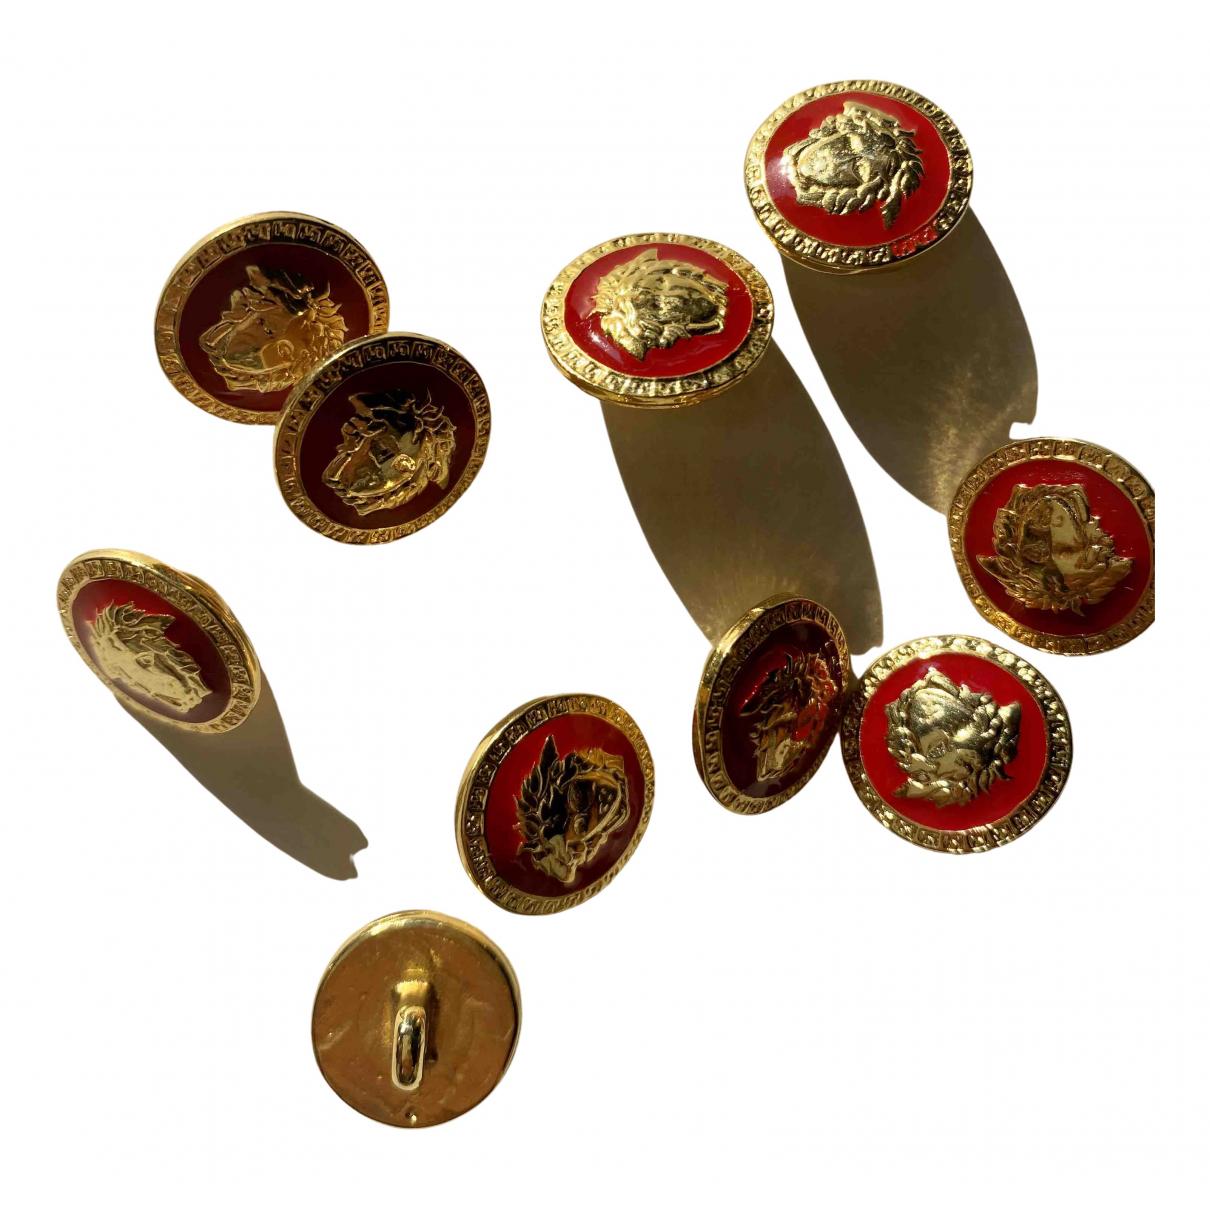 Objeto de decoracion Gianni Versace